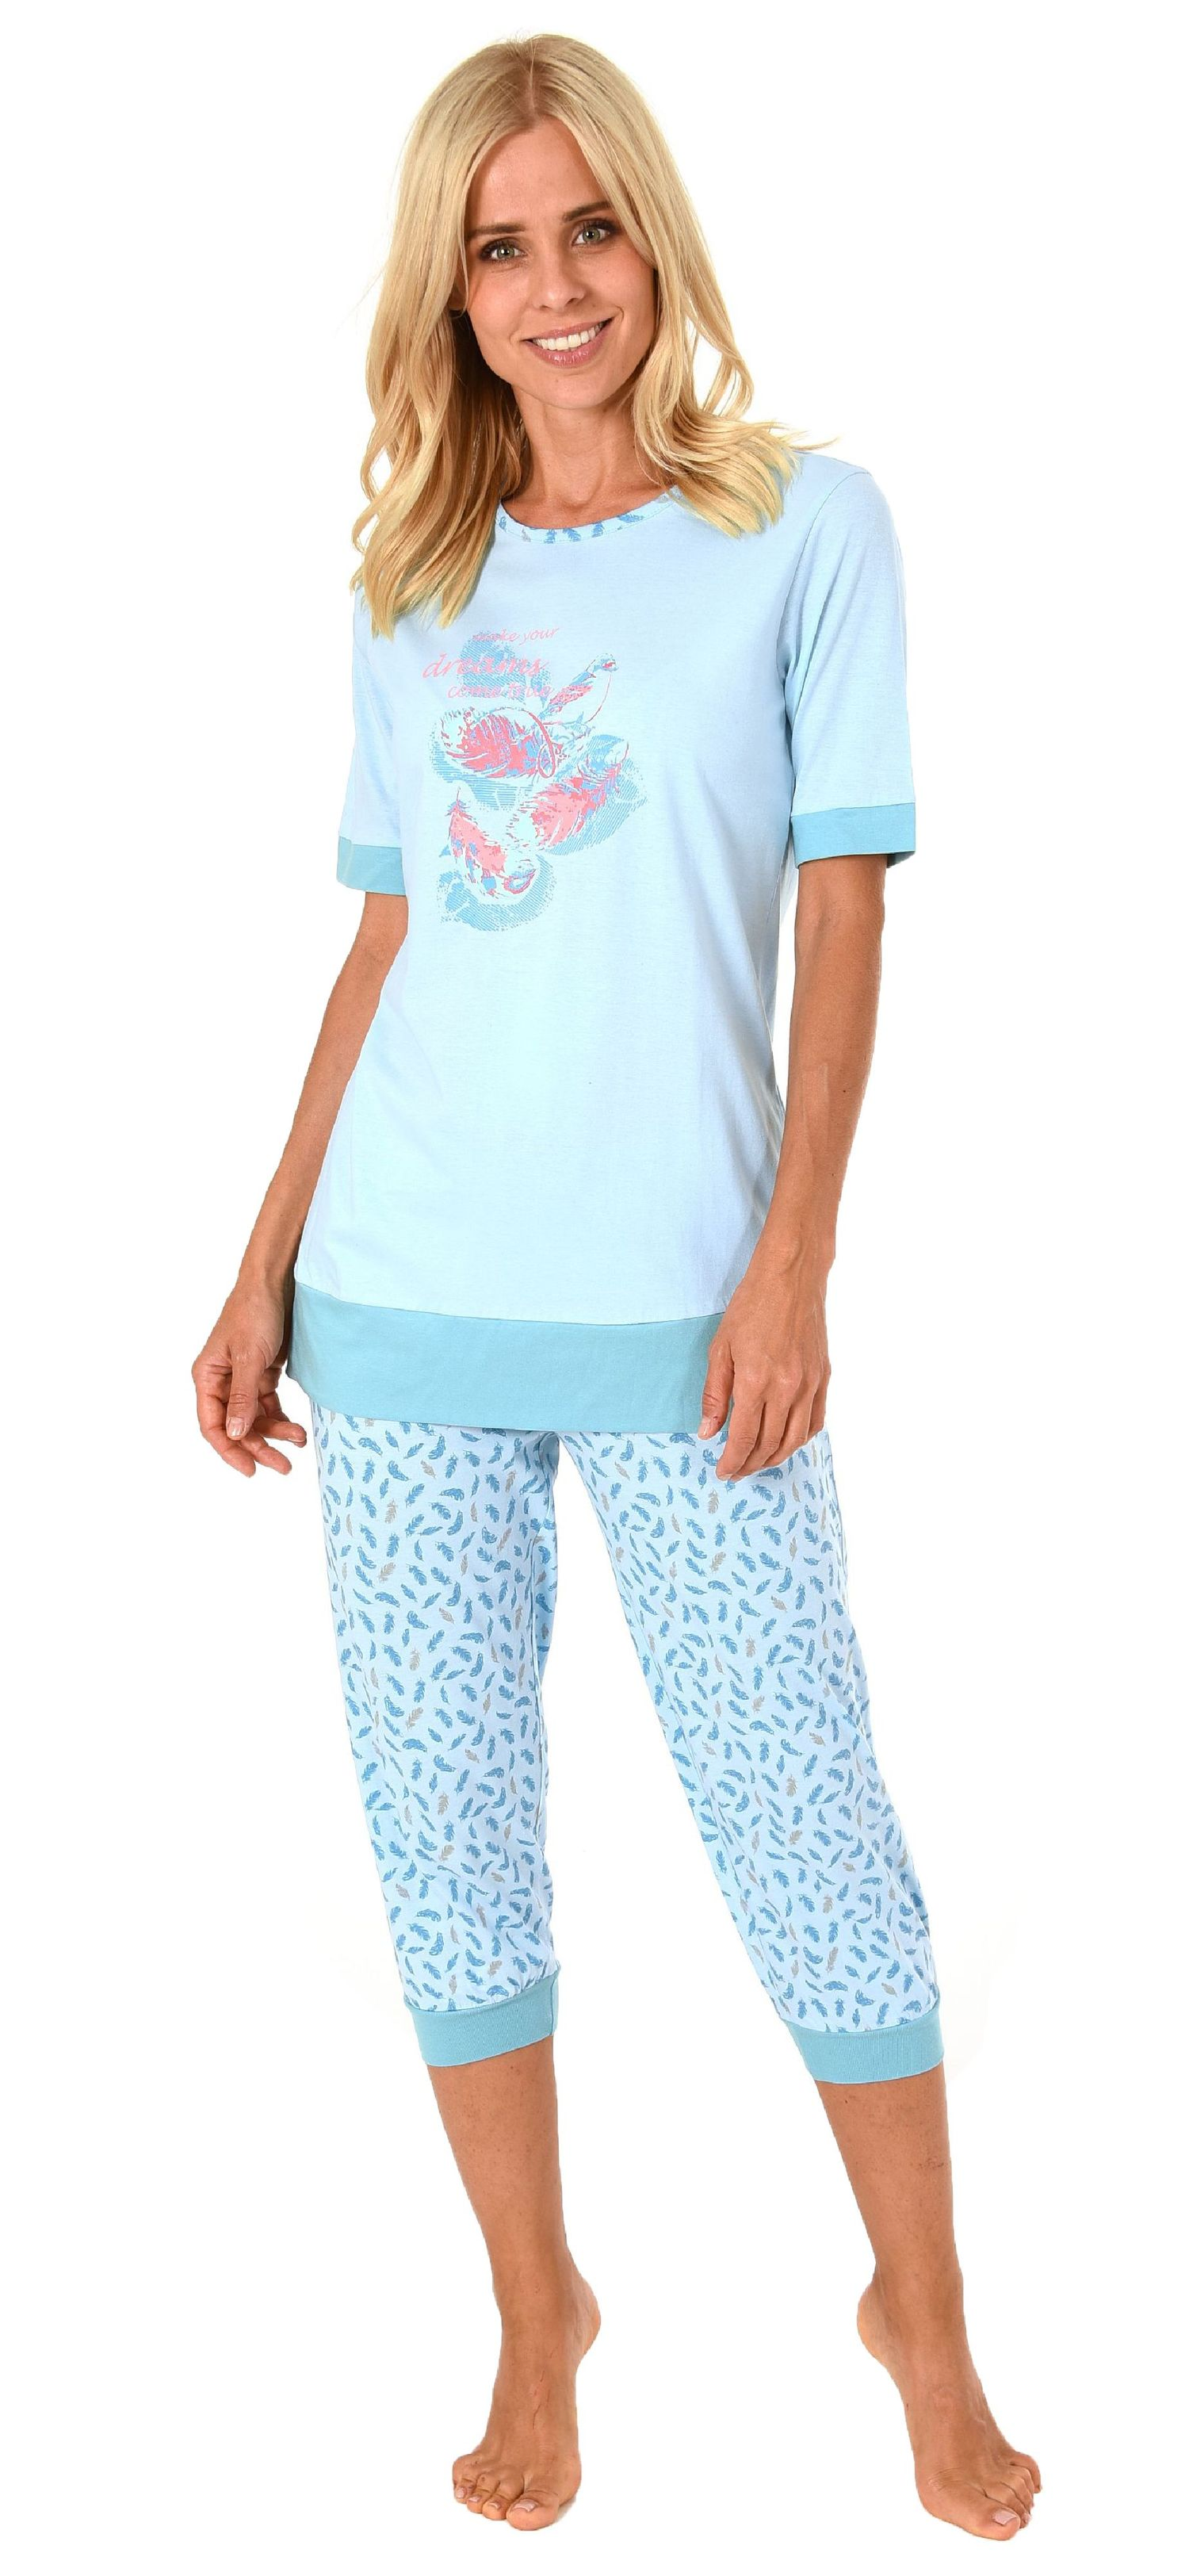 best service 92dd1 0bf1c Damen Capri Pyjama Schlafanzug kurzarm mit 3/4-langer Caprihose, Federn als  Motiv 191 204 90 212